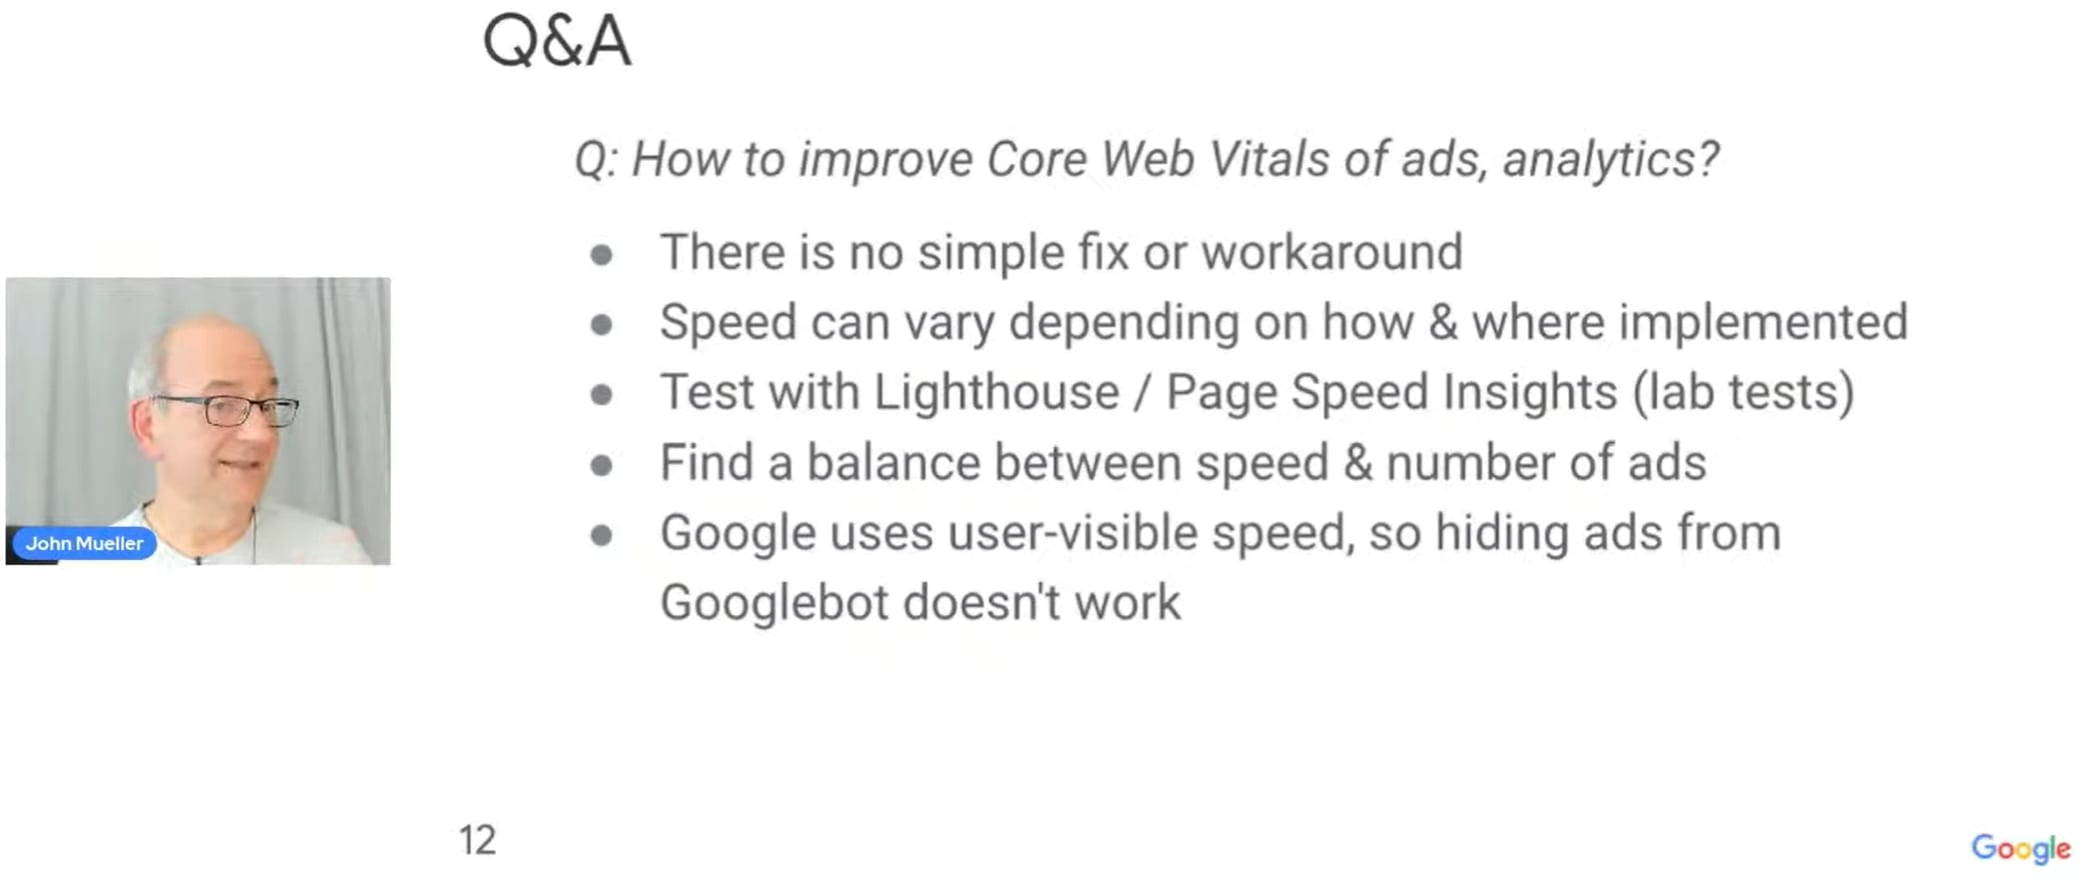 Os_anC3BAncios_ou_o_Google_Analytics_prejudicam_o_fator_de_velocidade_de_carregamento_do_site_e_a_Google_leva_isso_em_conta